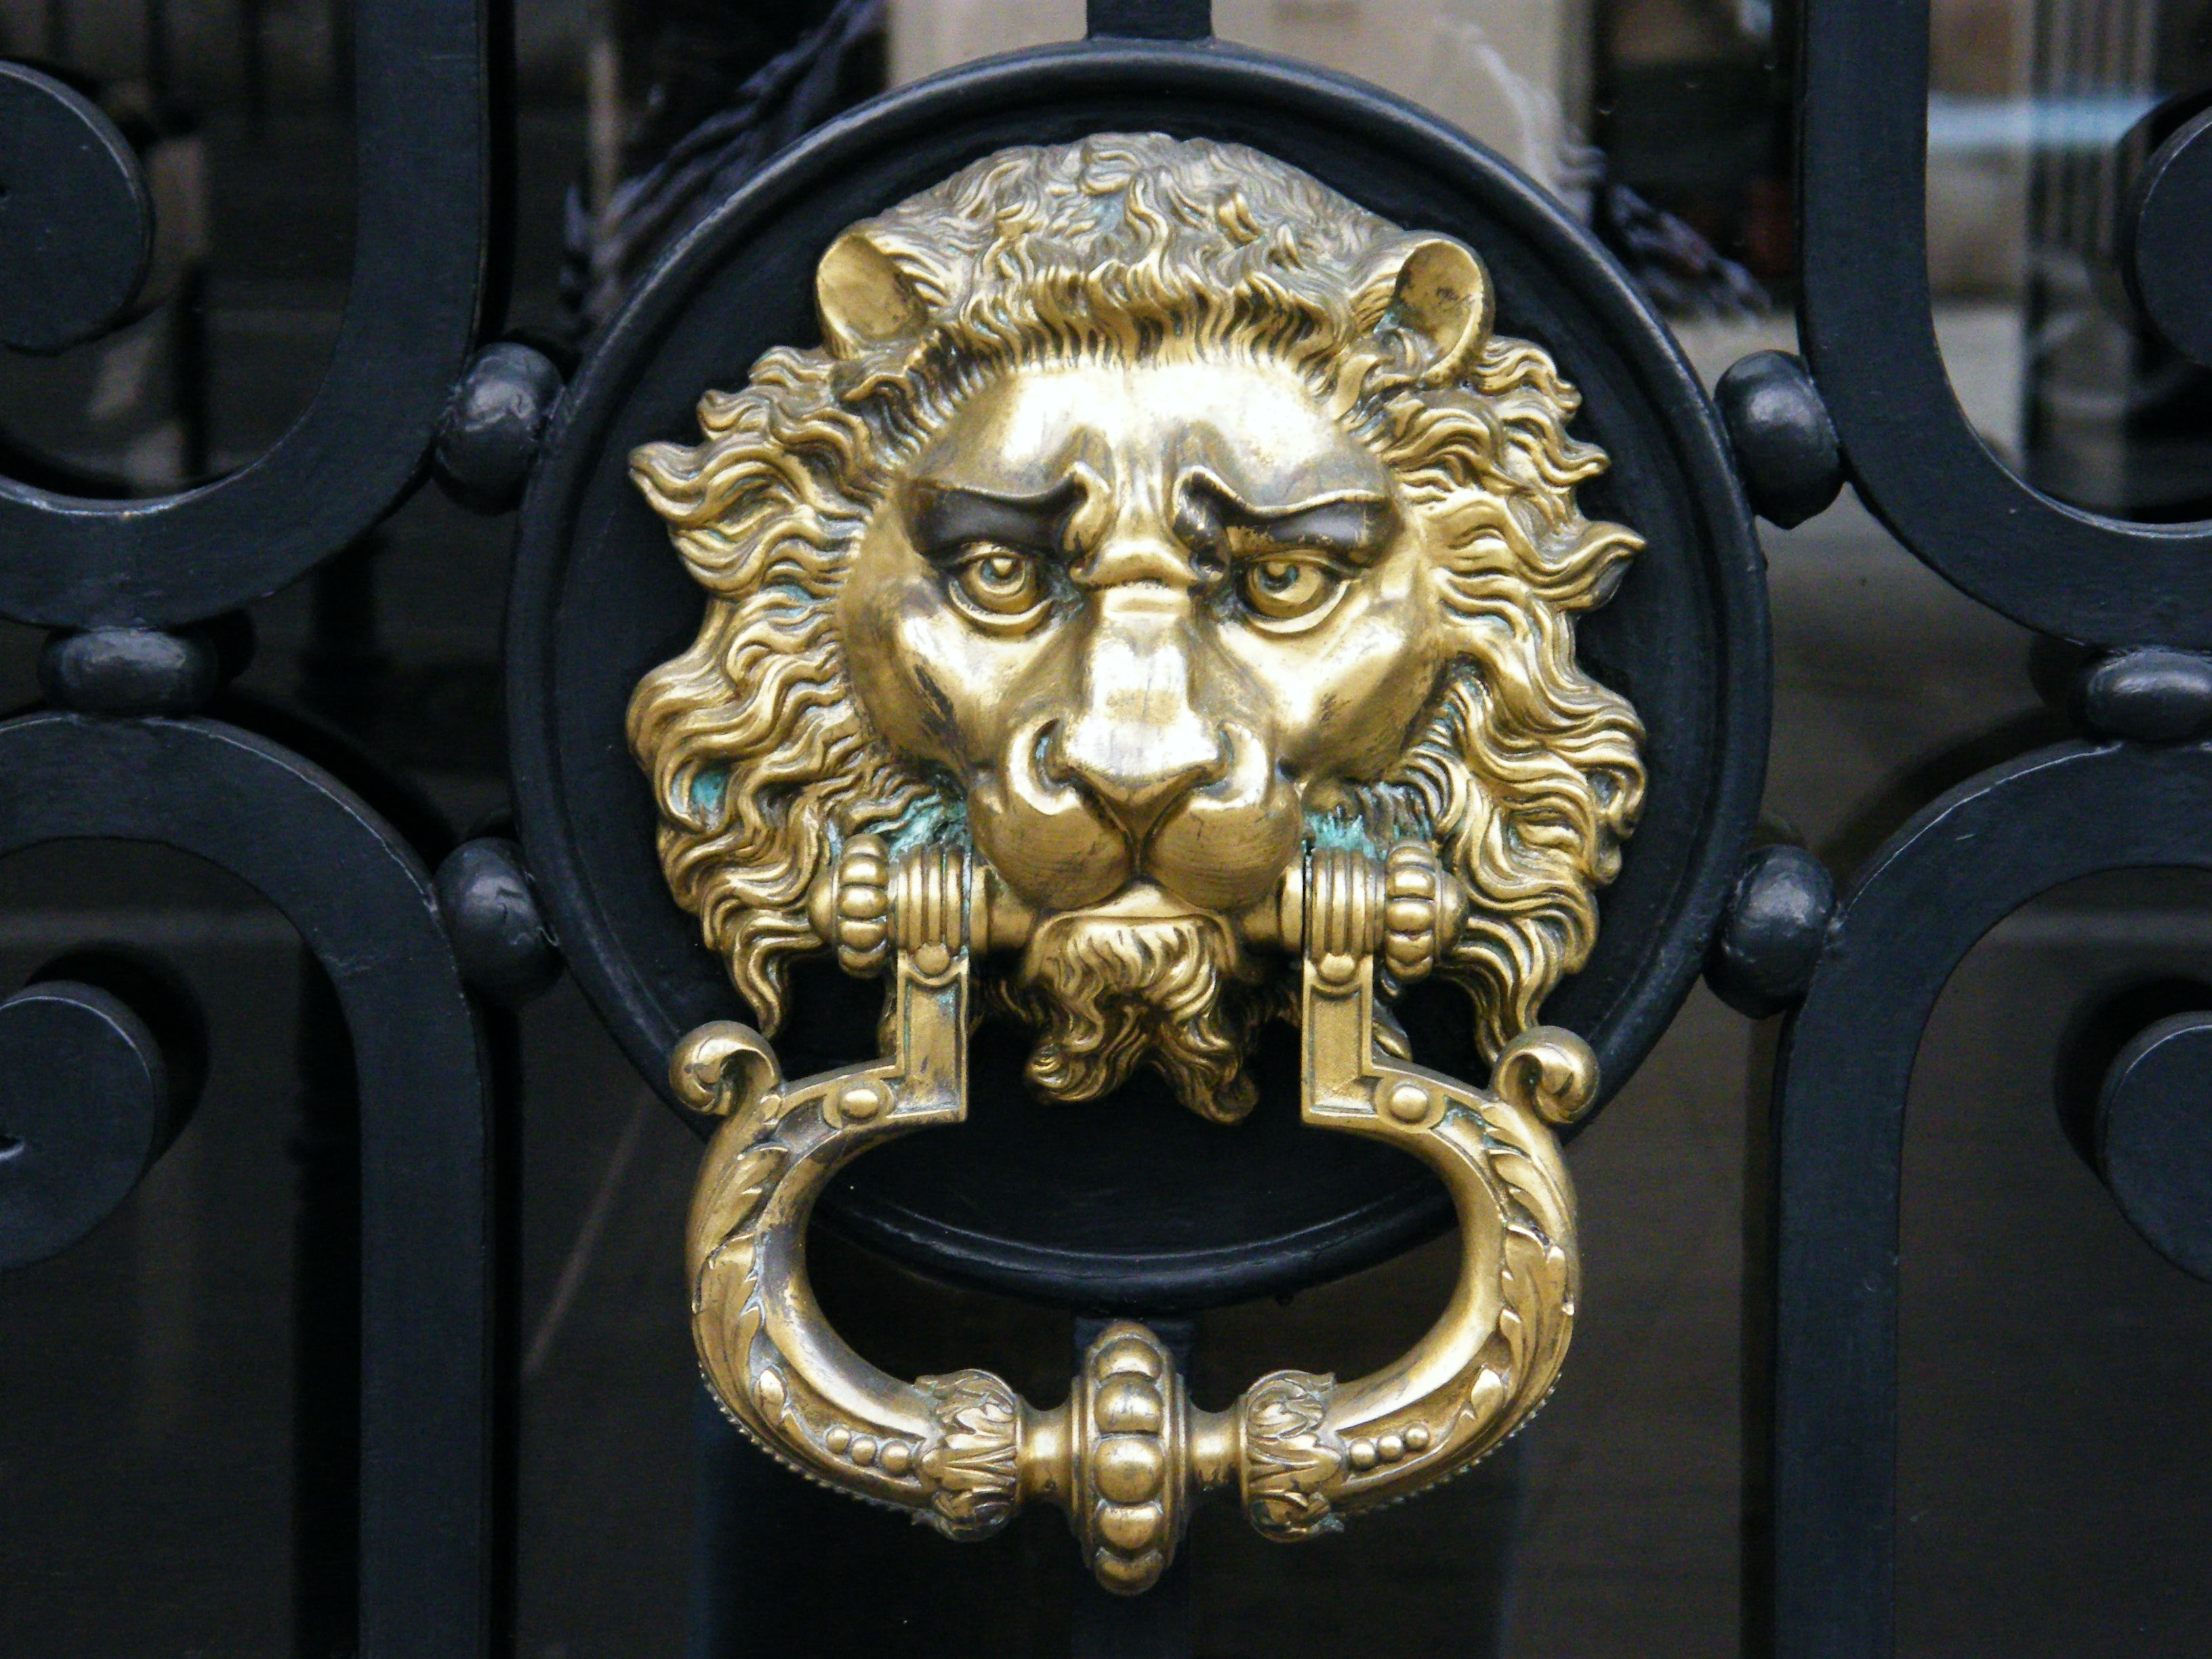 Lion Door Knocker.JPG 3'264 × 2'448 pixels (met afbeeldingen)